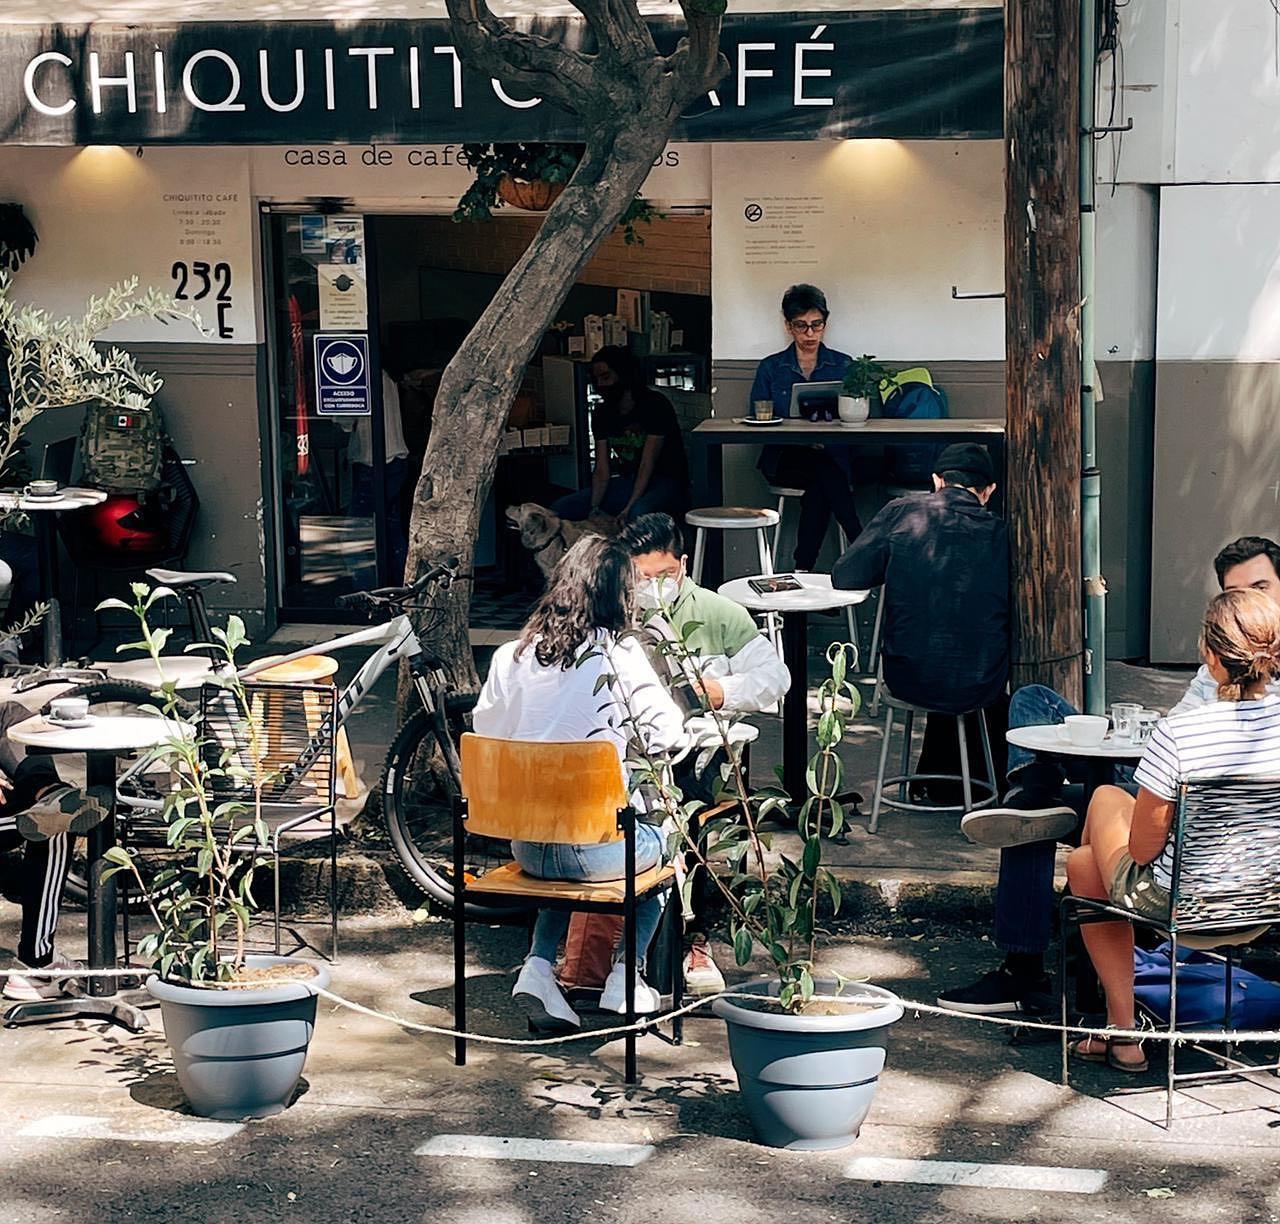 Orgullo de barrio, la serie gastronómica que honra el sabor de lo local presenta: Chiquitito Café